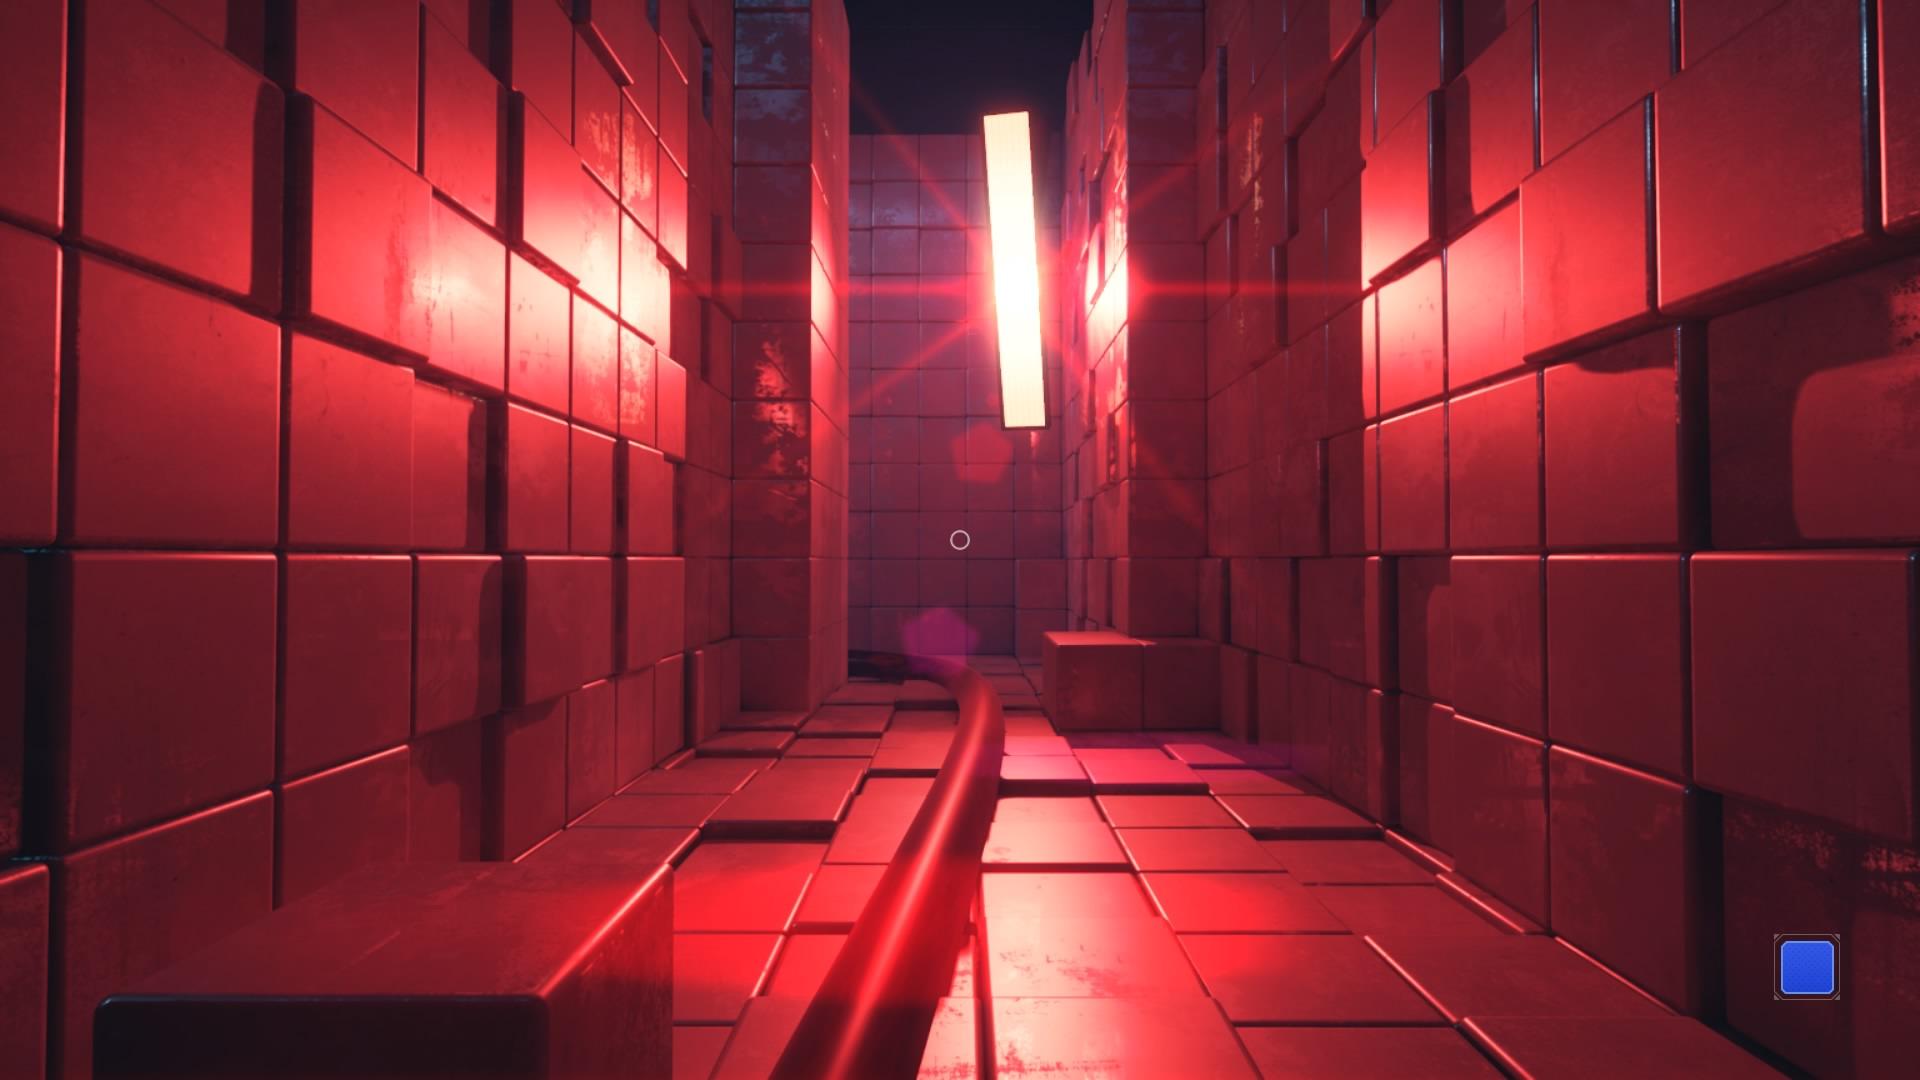 С первых кадров Toxic Games дает понять, что перед нами совсем другая игра: ощущается это и в атмосфере, и в архитектуре, и в уровне проработки графики.